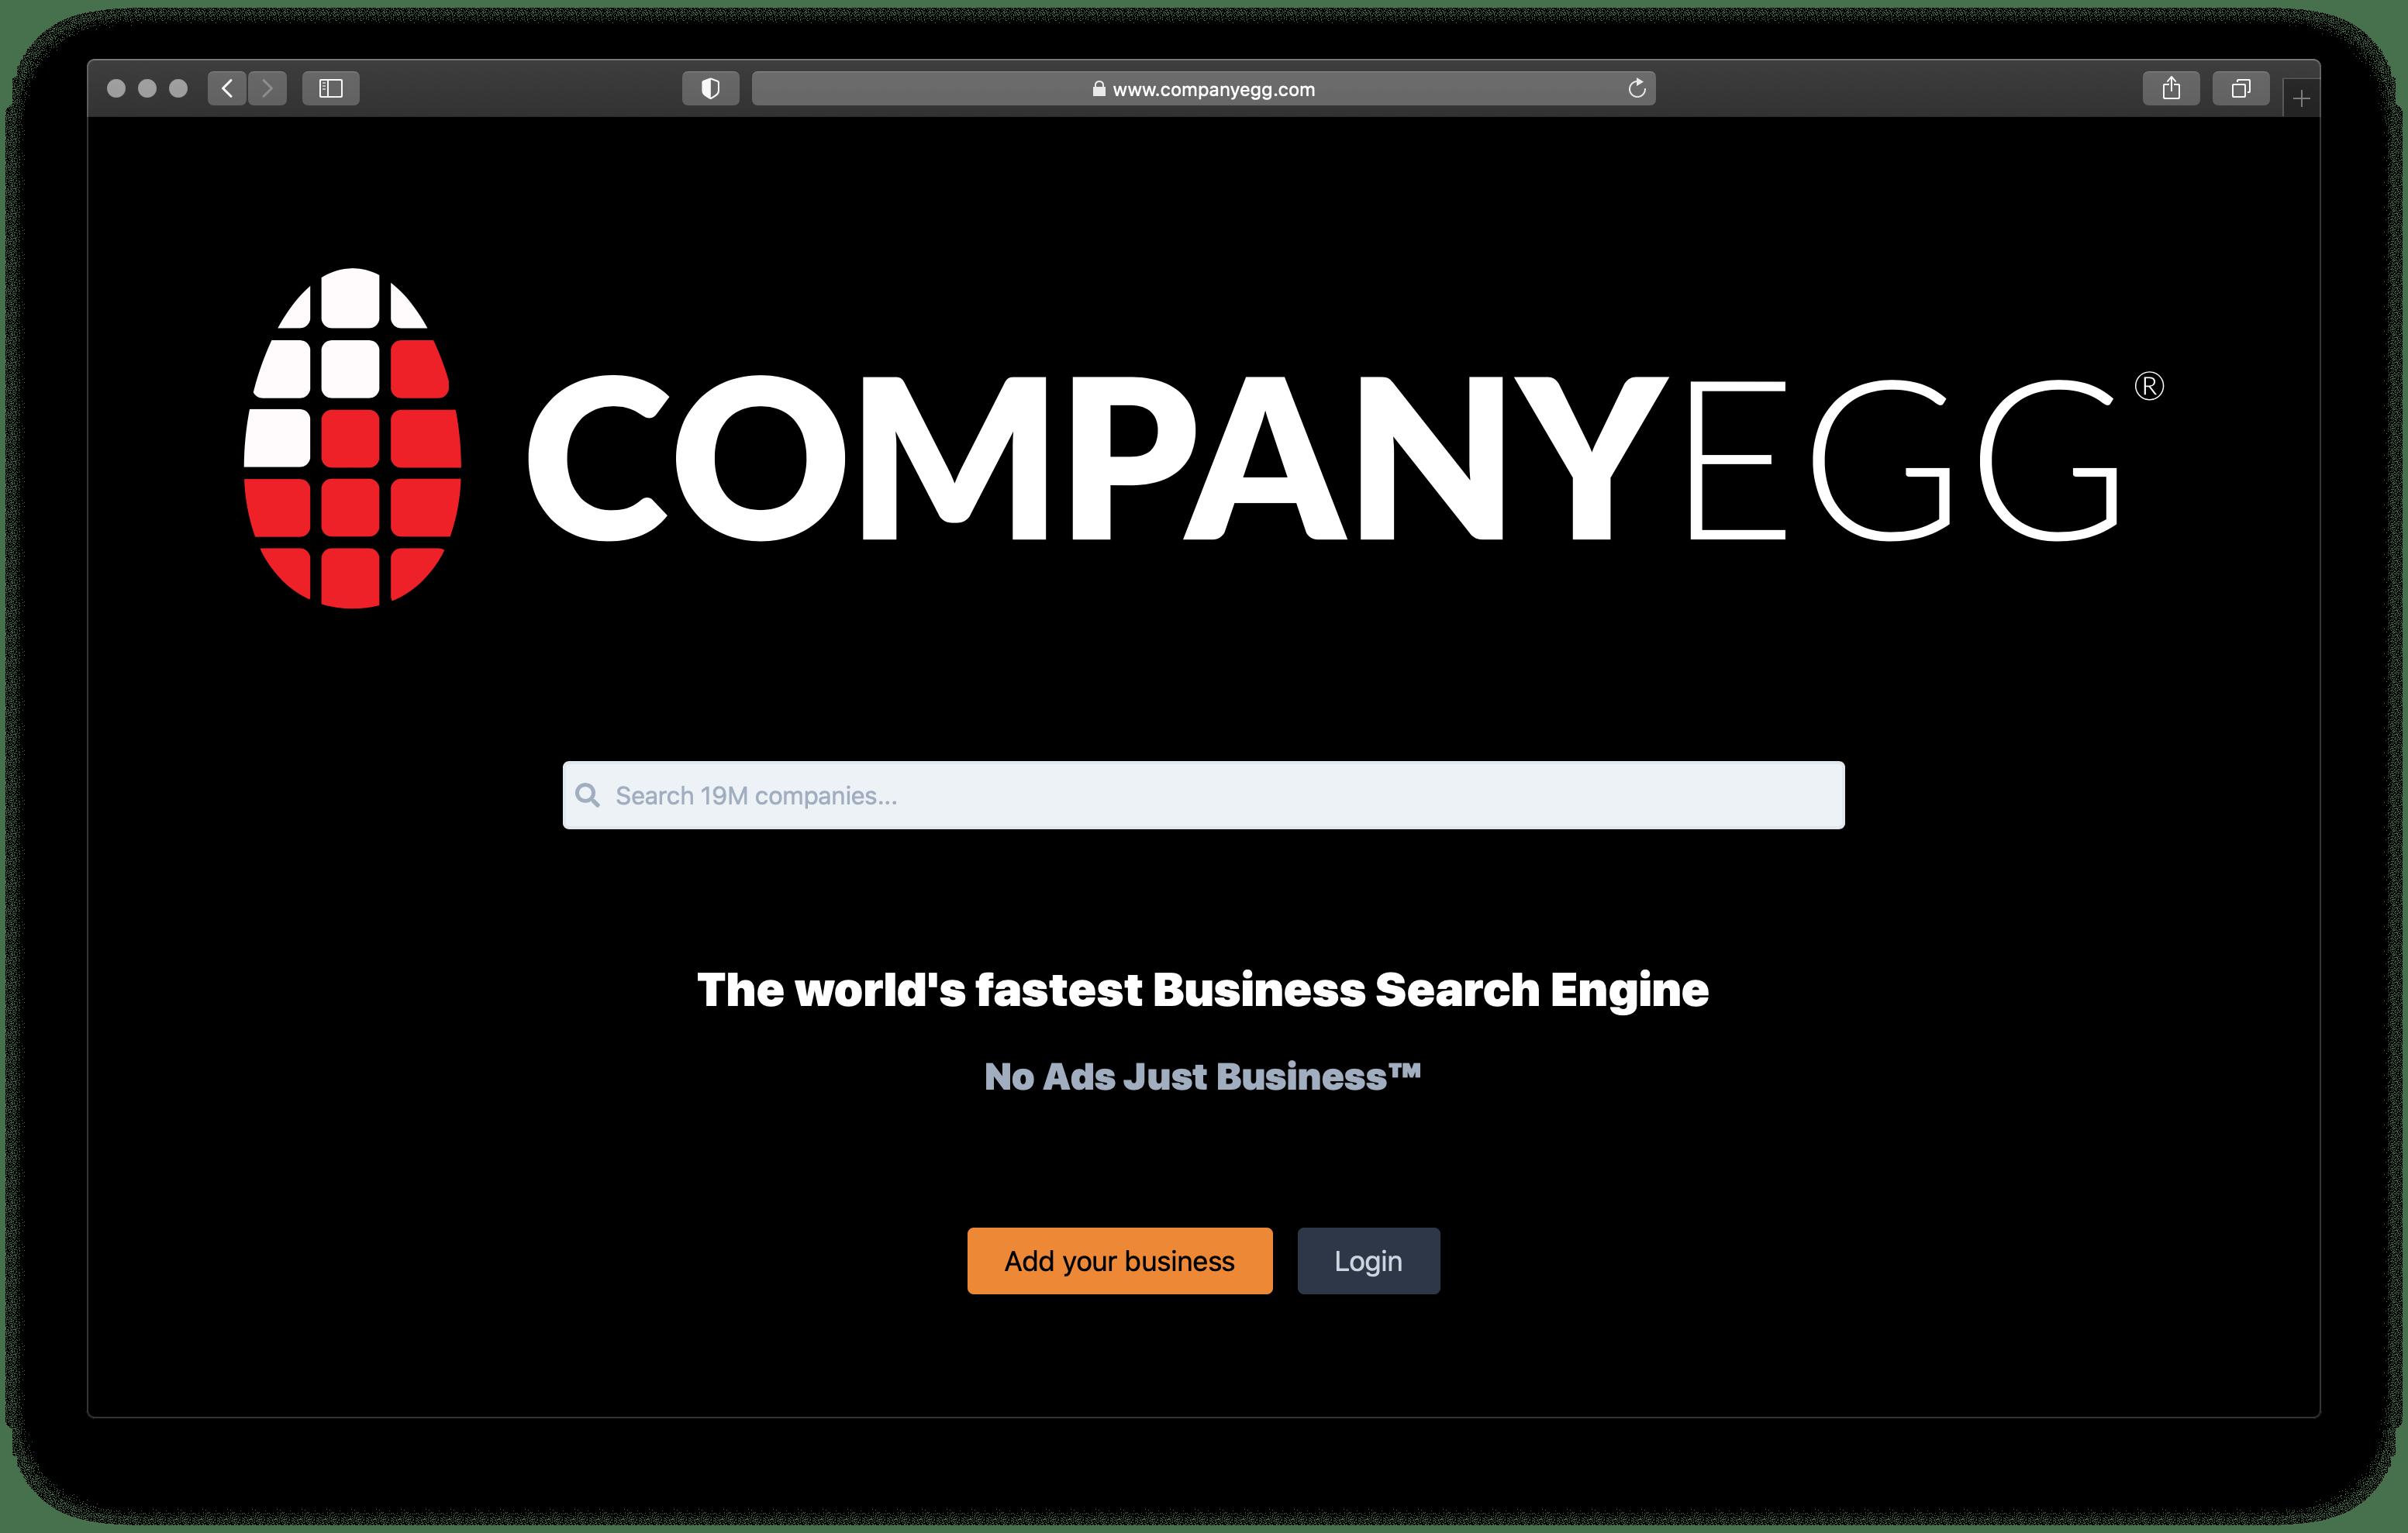 CompanyEgg.com